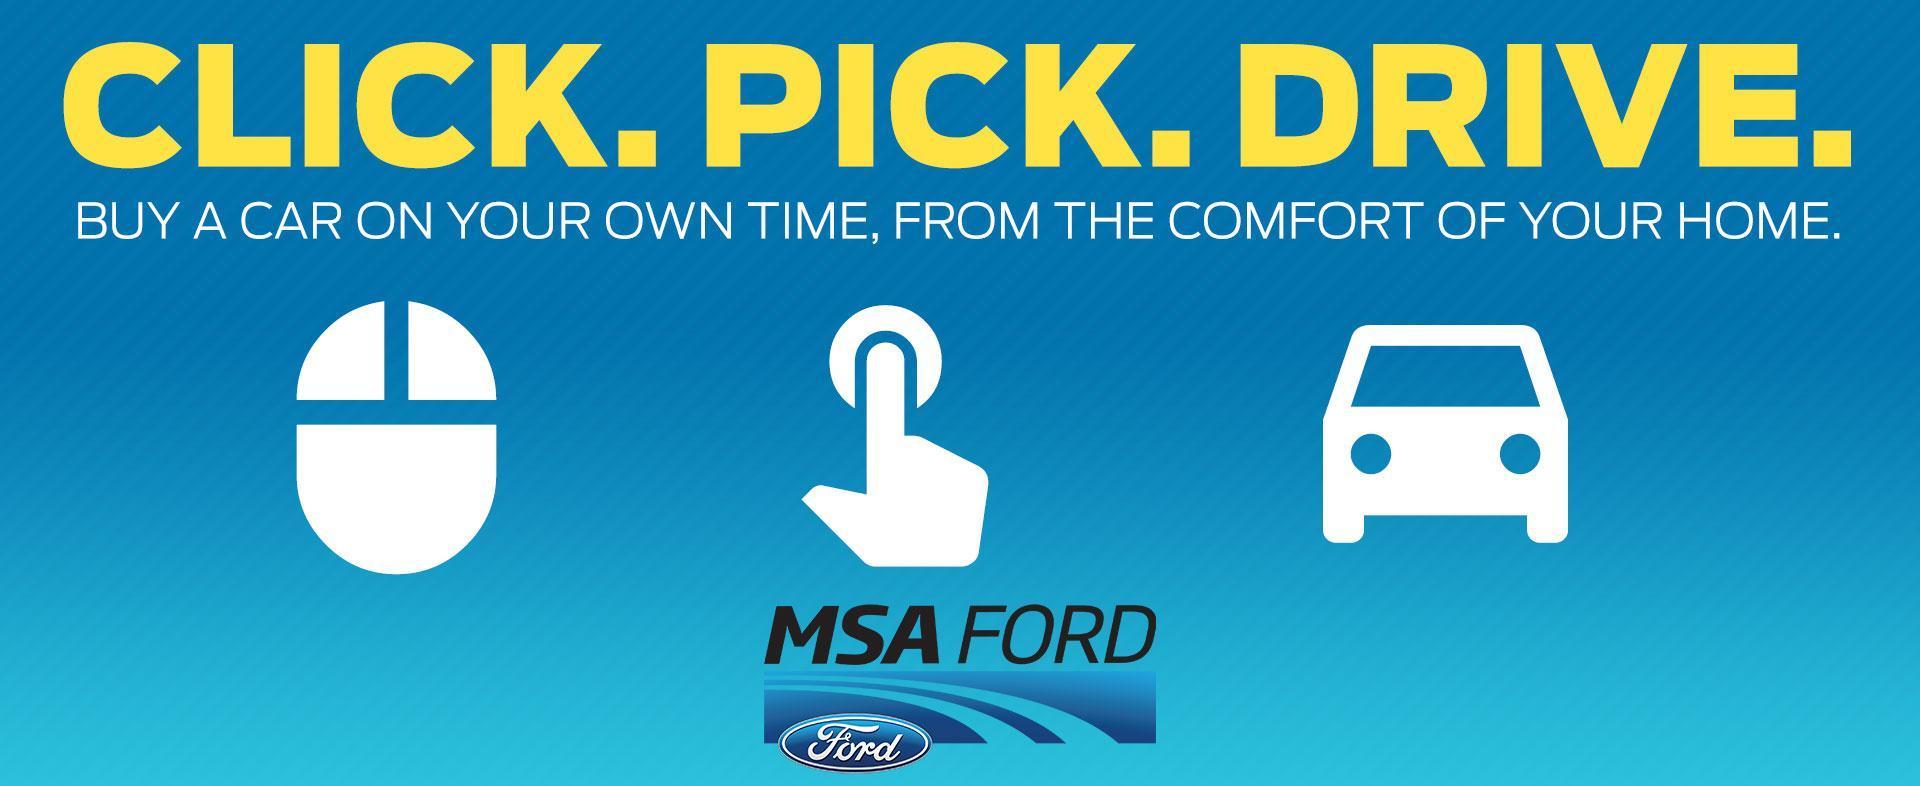 click pick drive